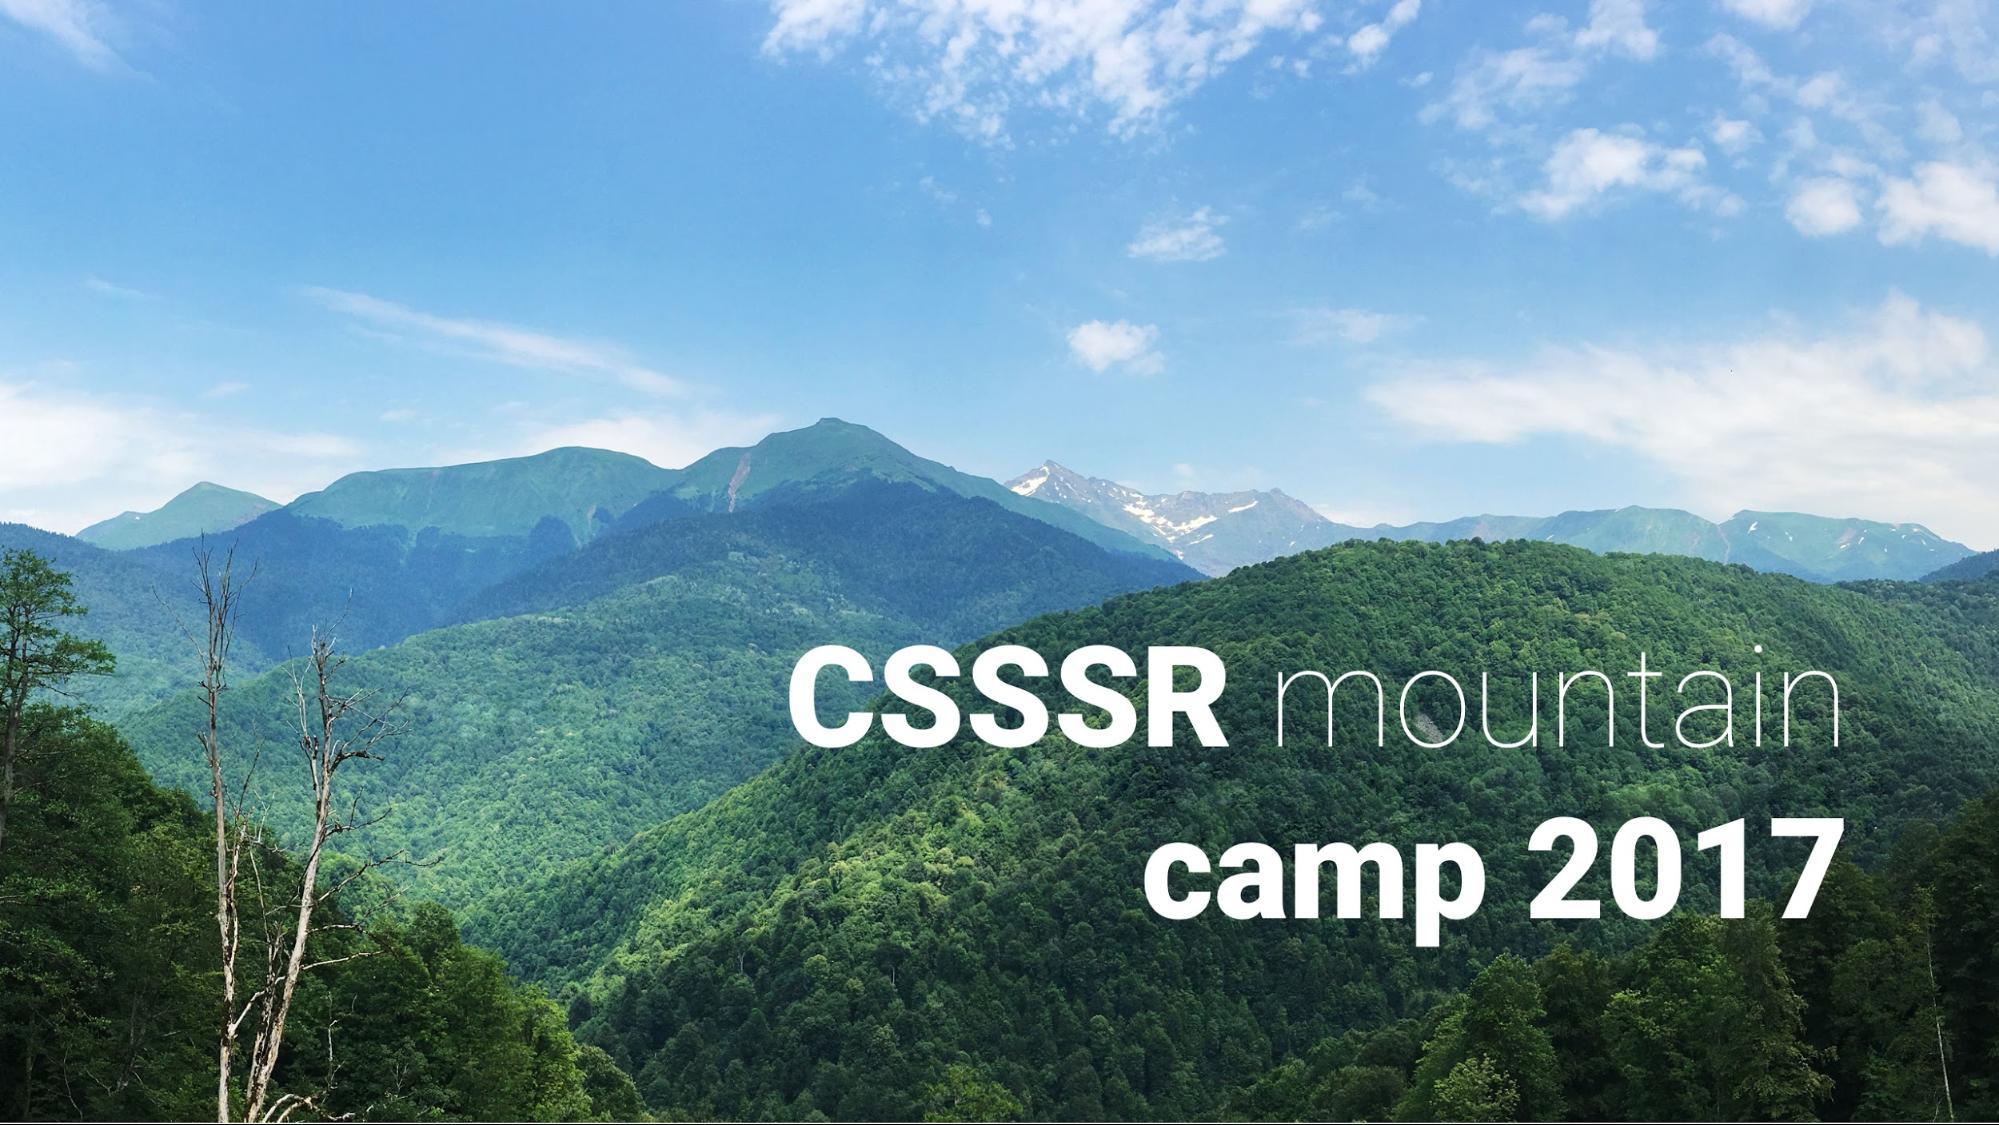 IT-camp в горах: как мы две недели совмещали программирование и экстрим - 1